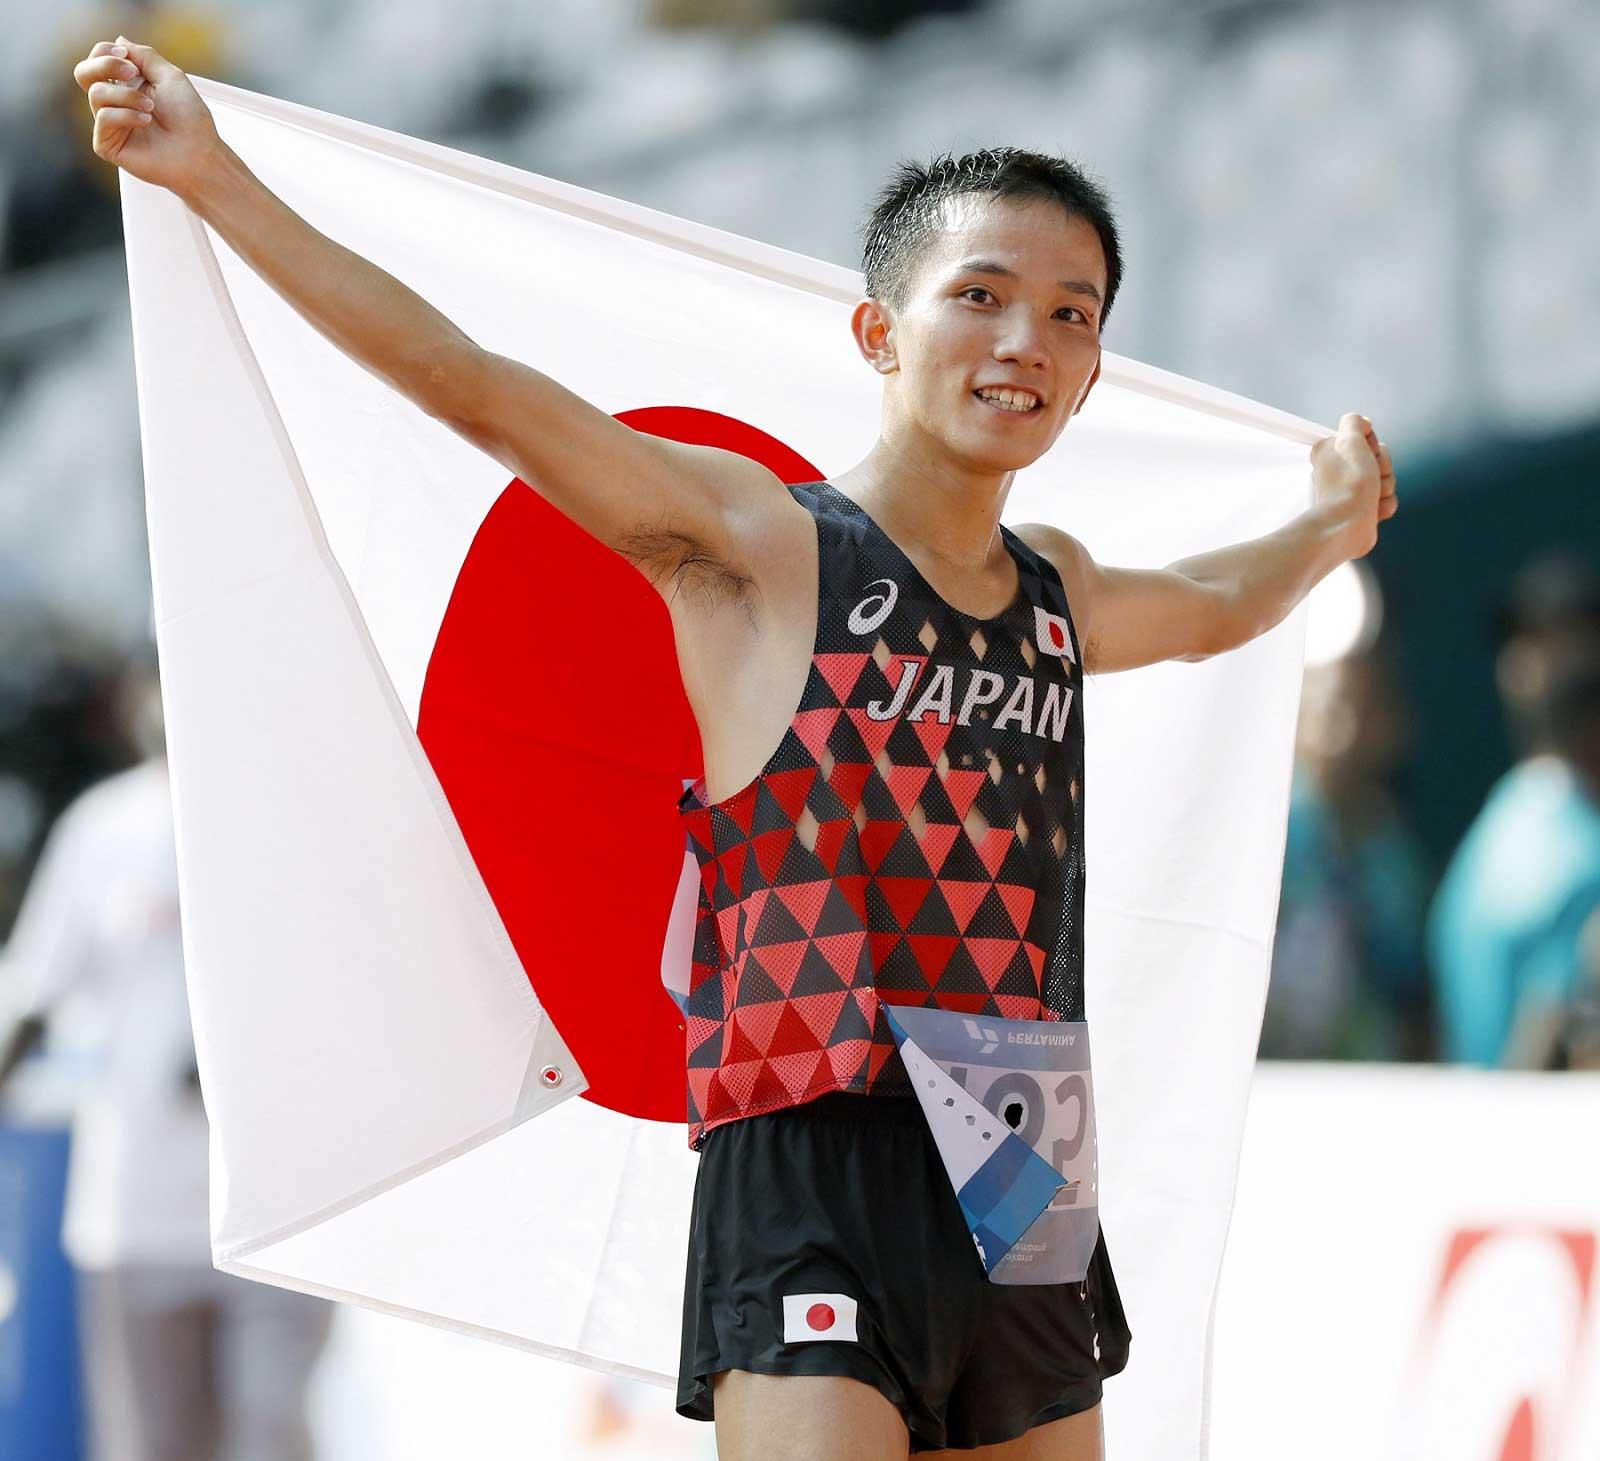 アジア競技大会・男子マラソンで32年ぶりに金メダルを獲得した井上大仁【画像提供:共同通信】